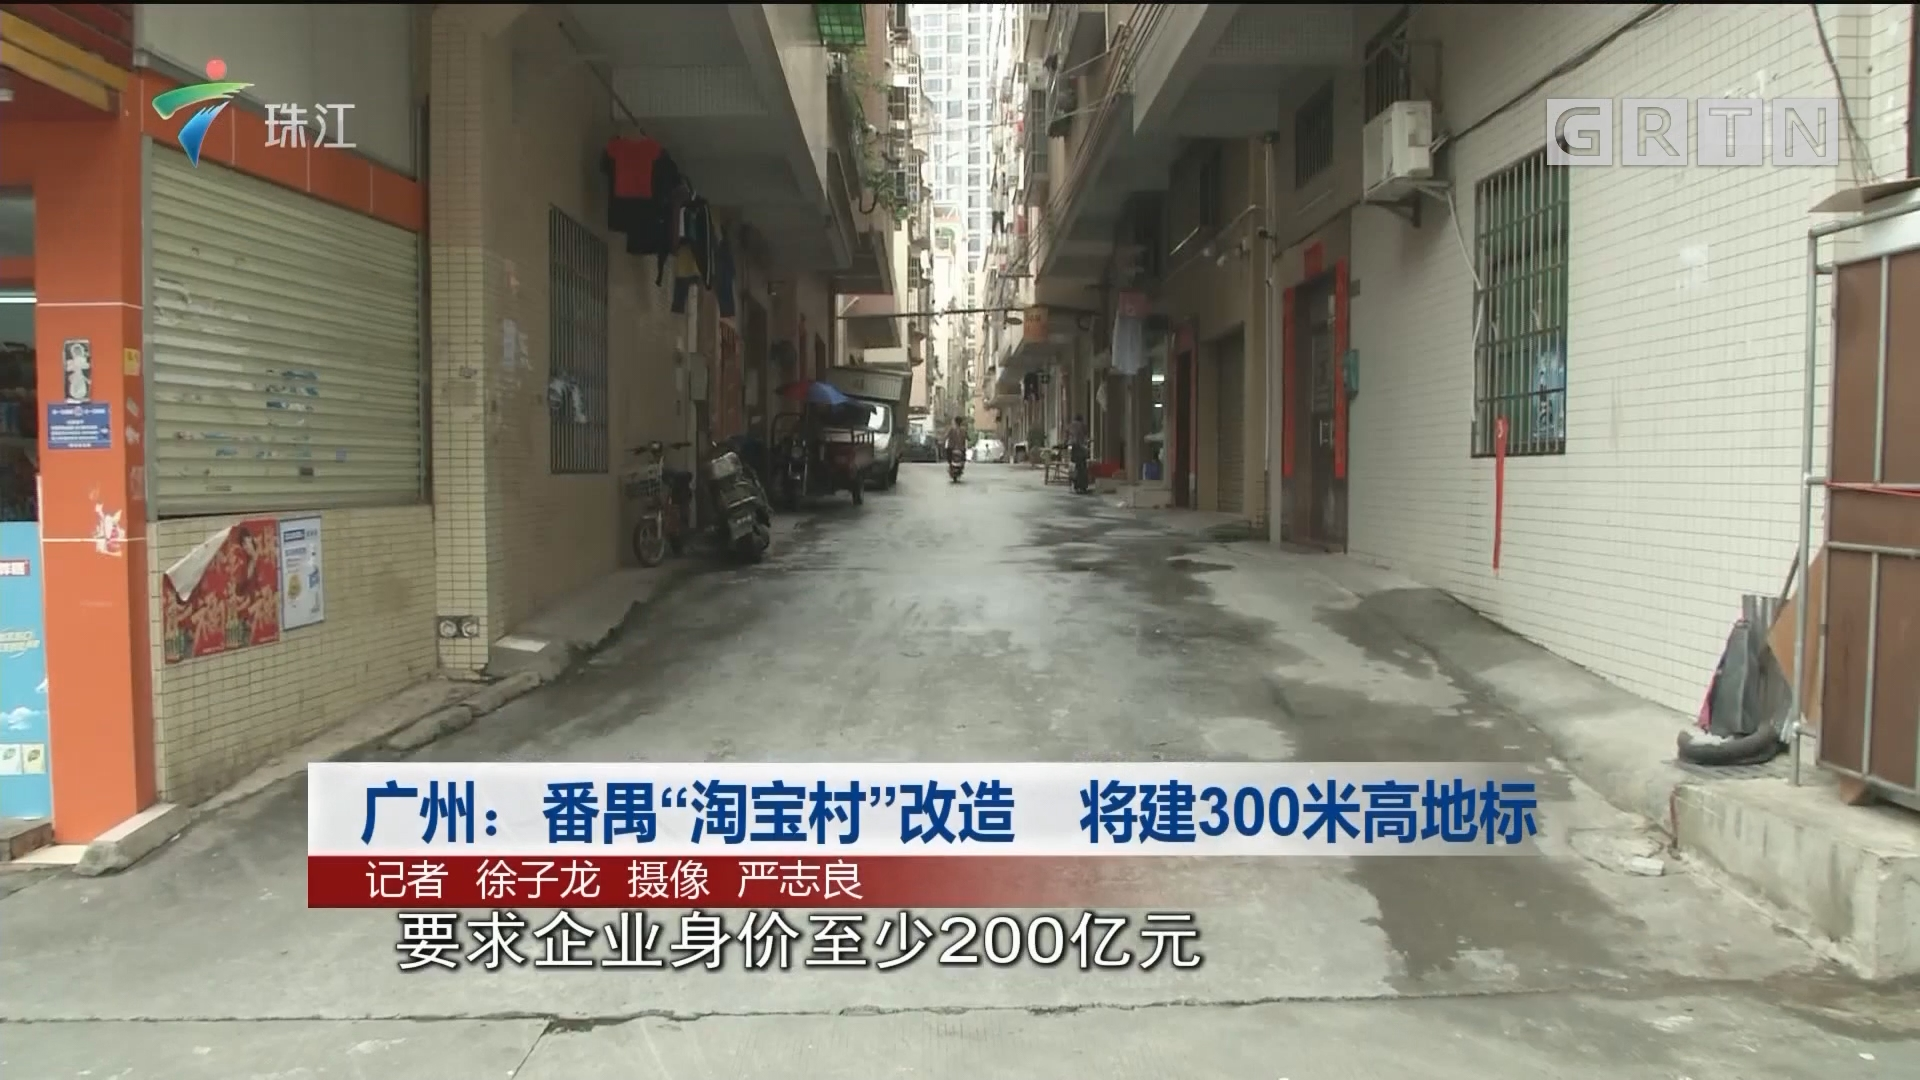 """广州:番禺""""淘宝村""""改造 将建300米高地标"""